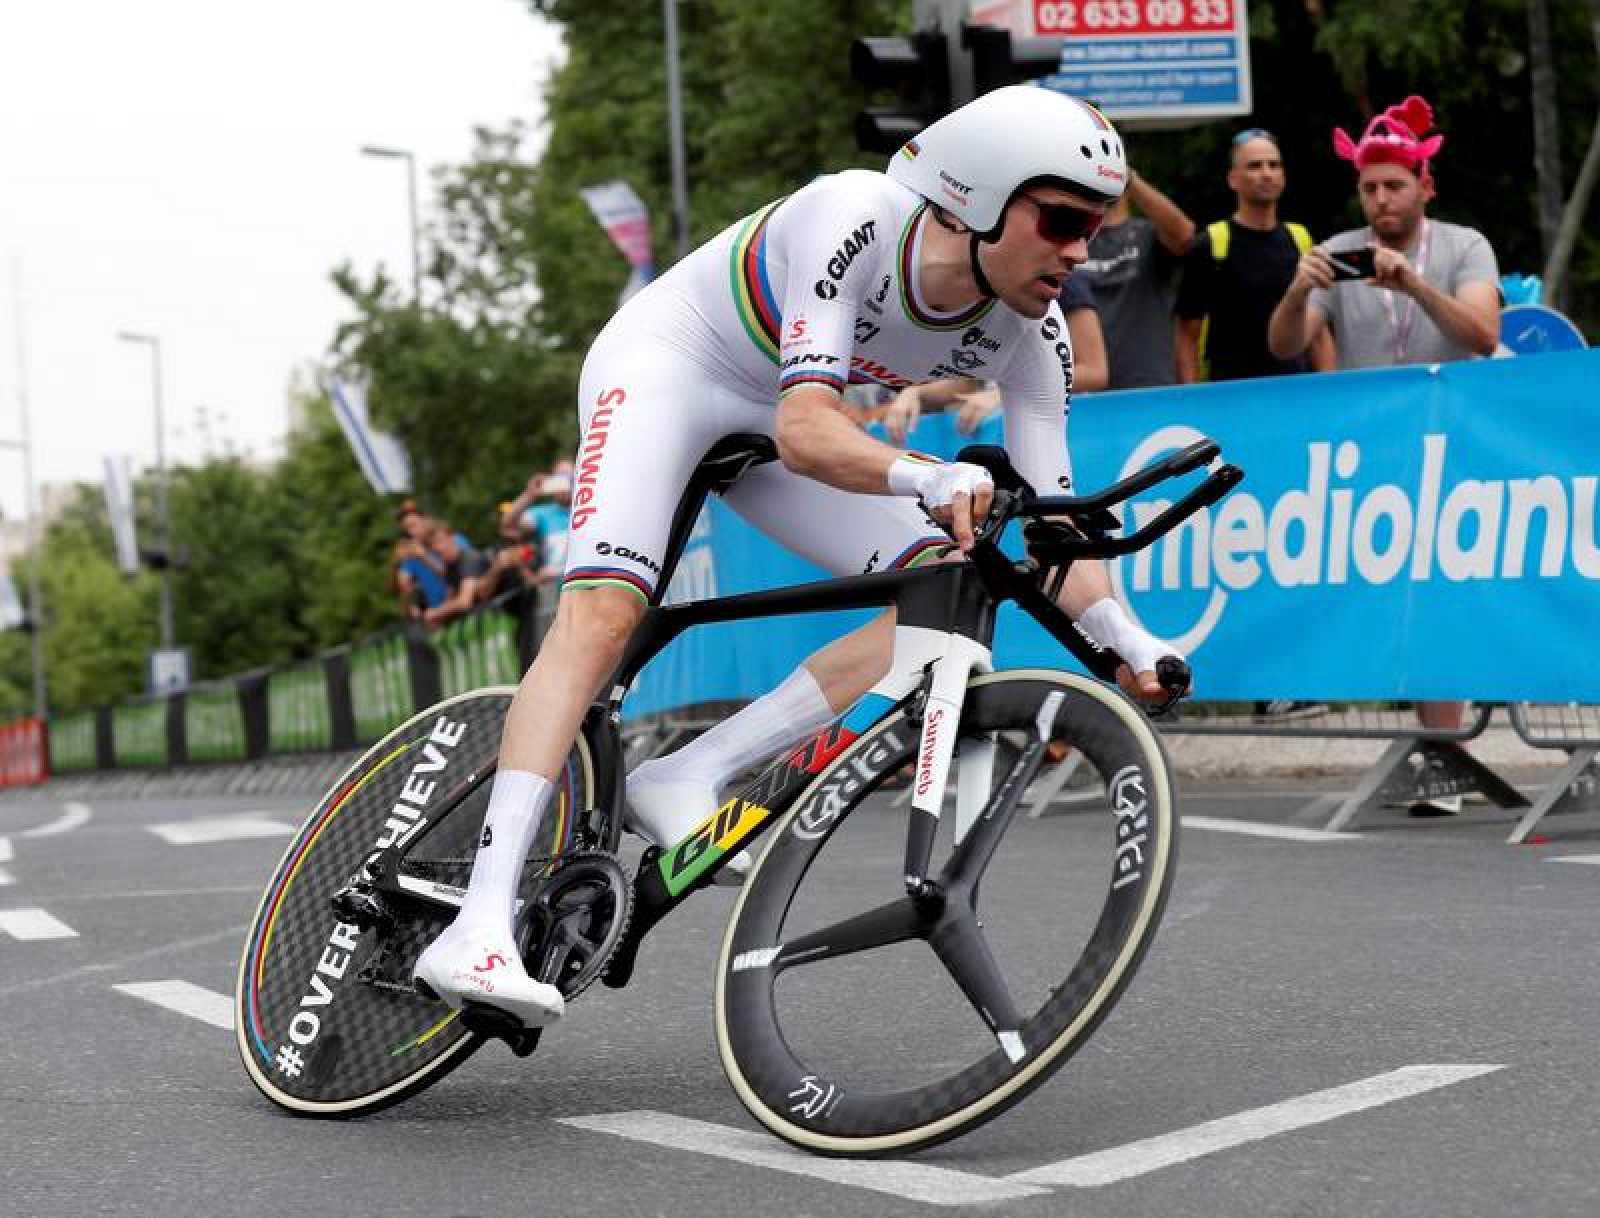 Imagen de Tom Dumoulin en la etapa 1 del Giro de Italia 2018.